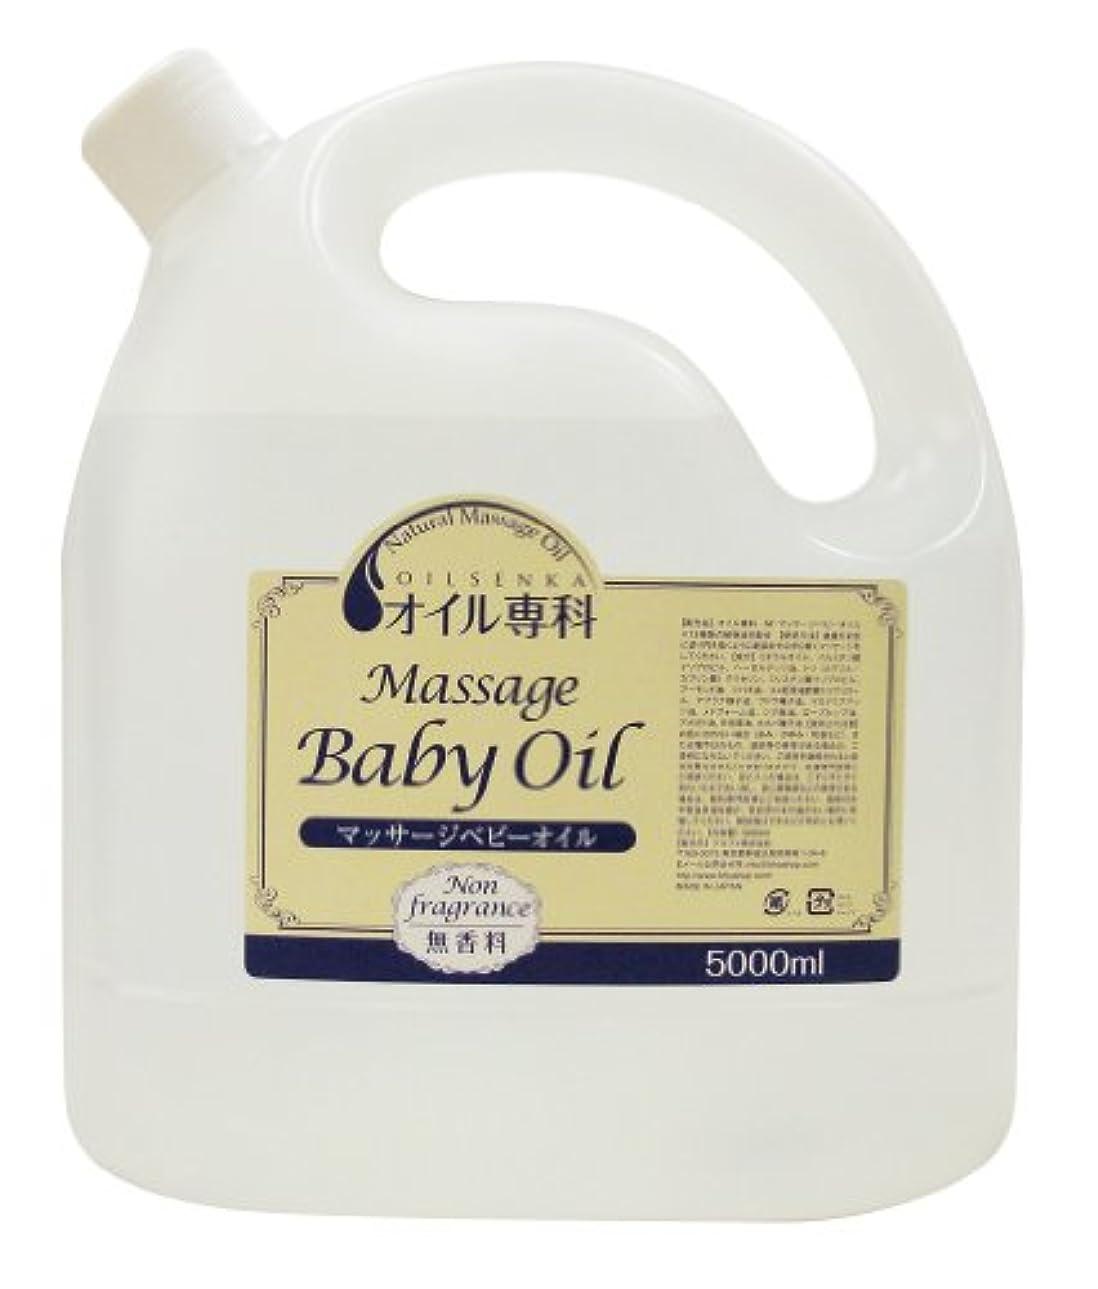 自発民間人先例【業務用ベースオイル(無香料)】13種類植物油配合<オイル専科>マッサージベビーオイル5L(5000ml)